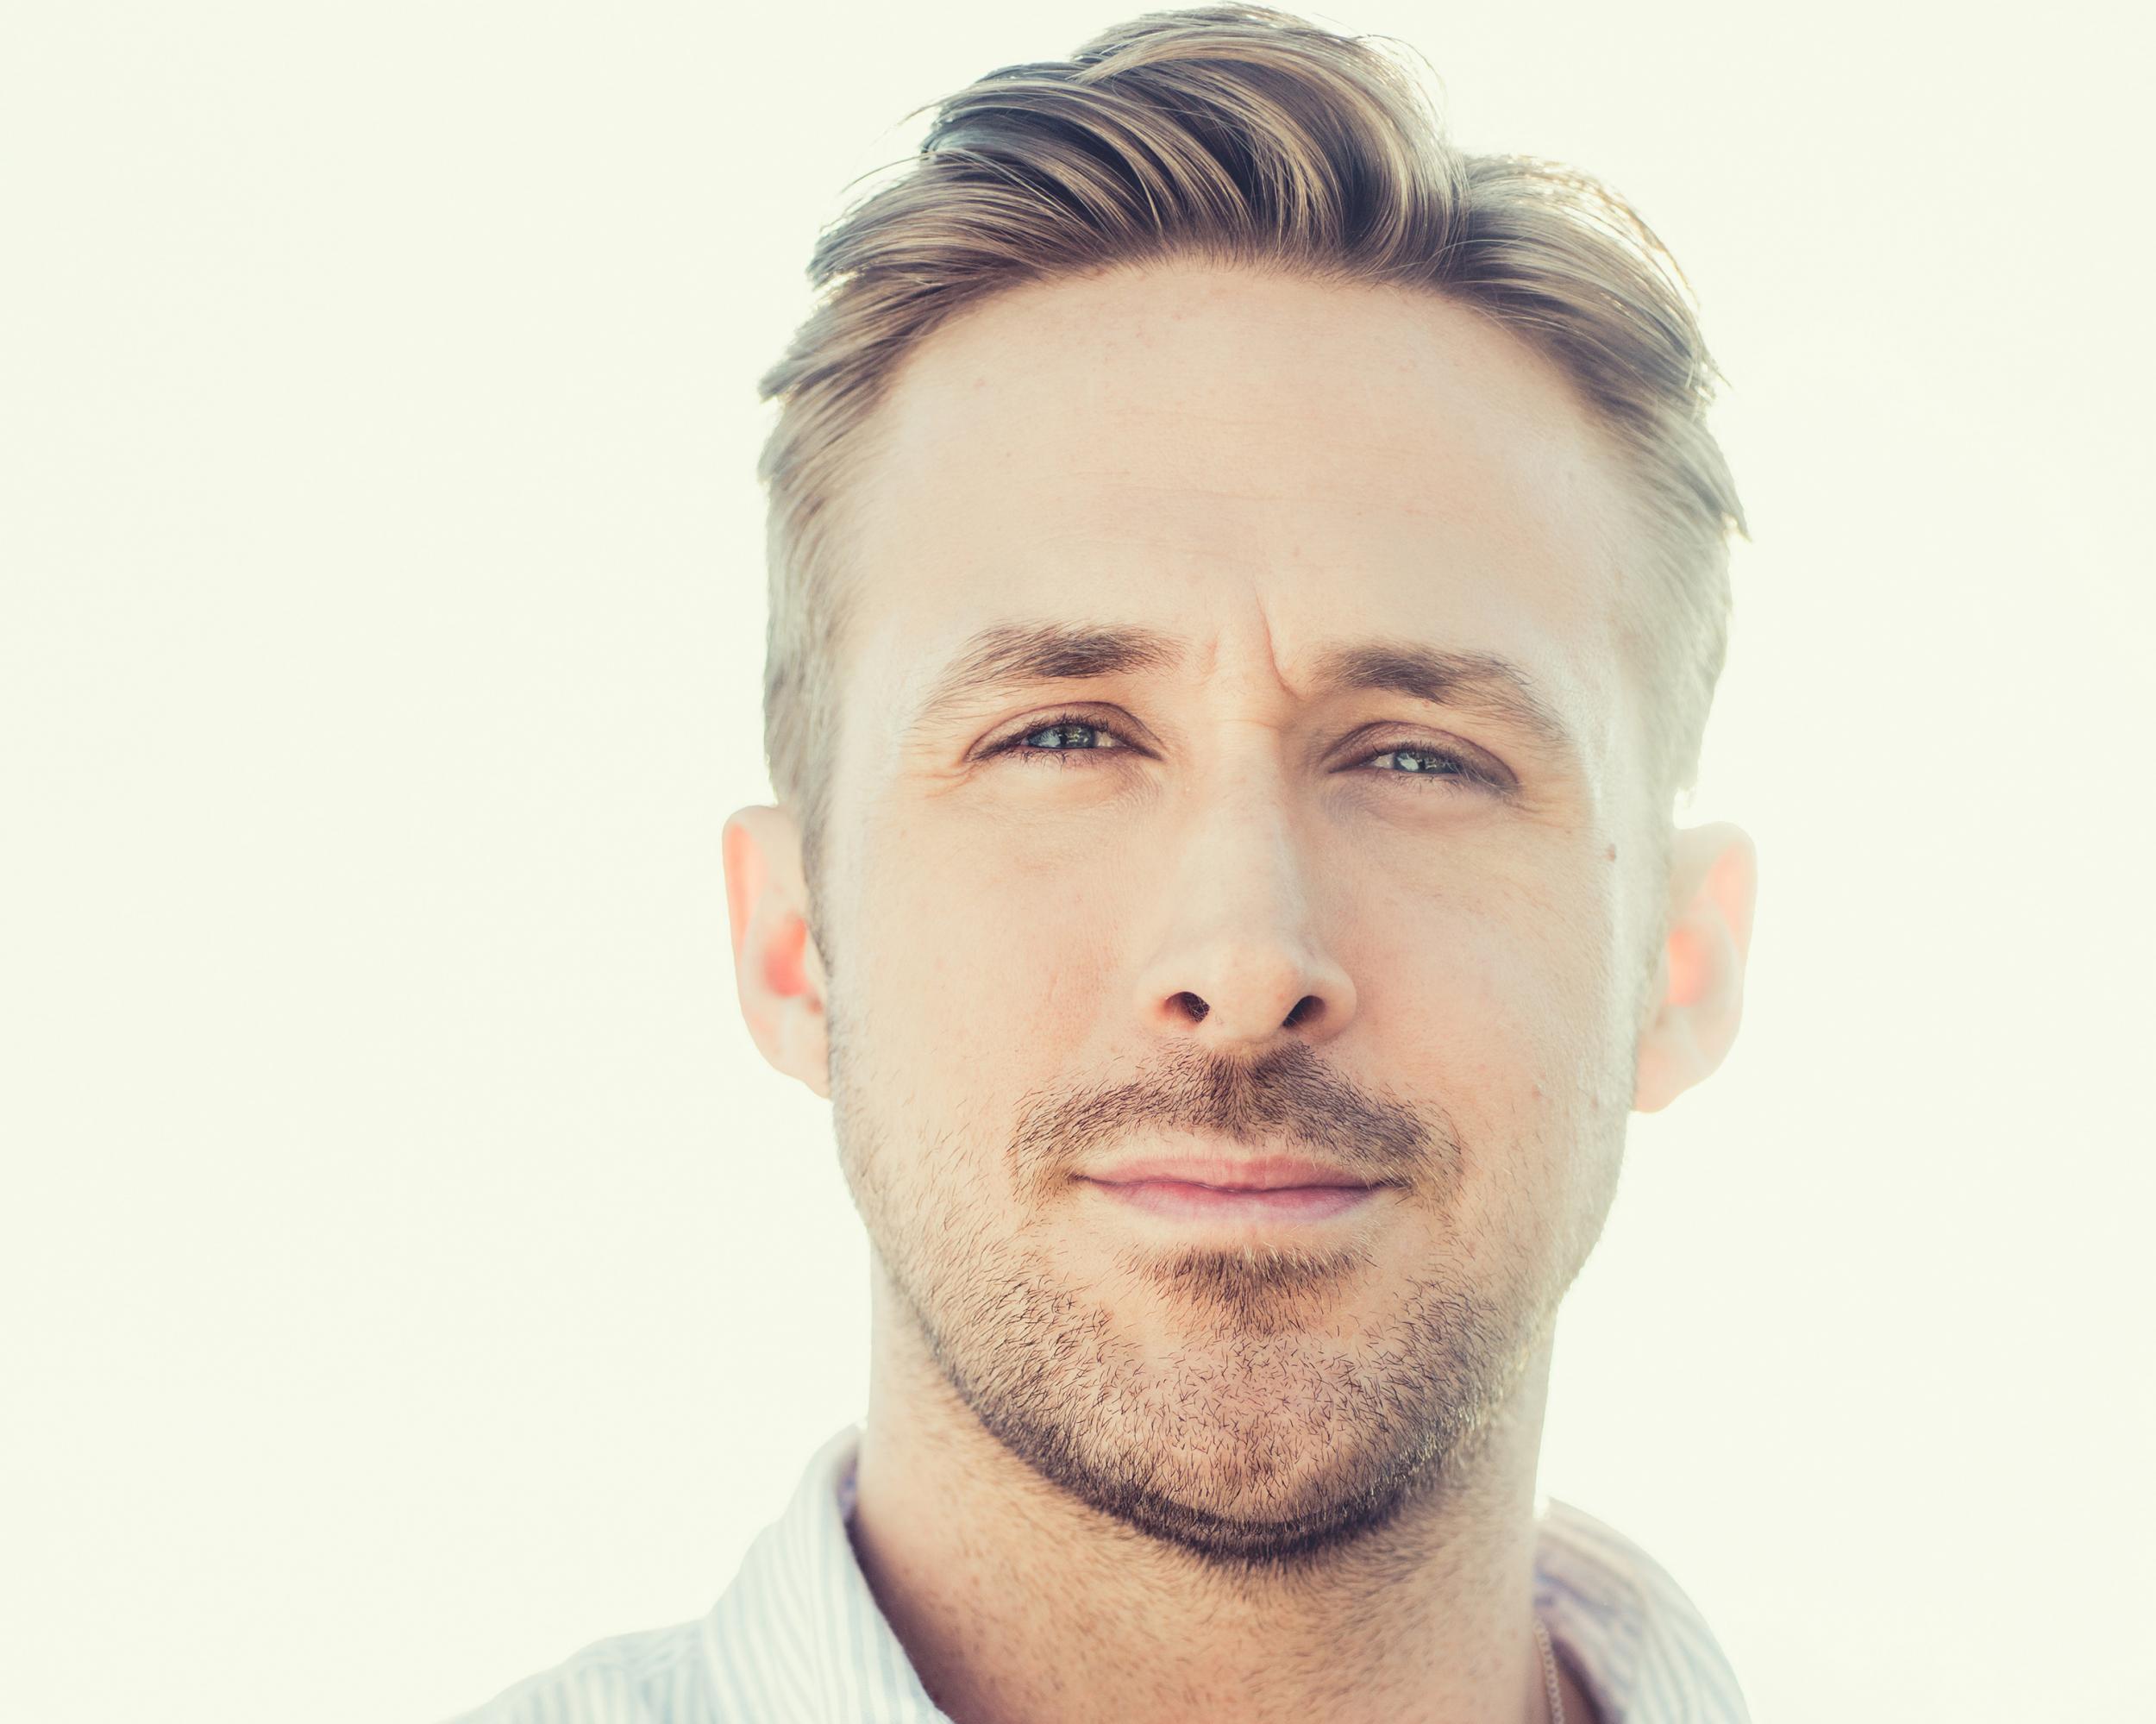 Ryan Gosling Wallpaper...